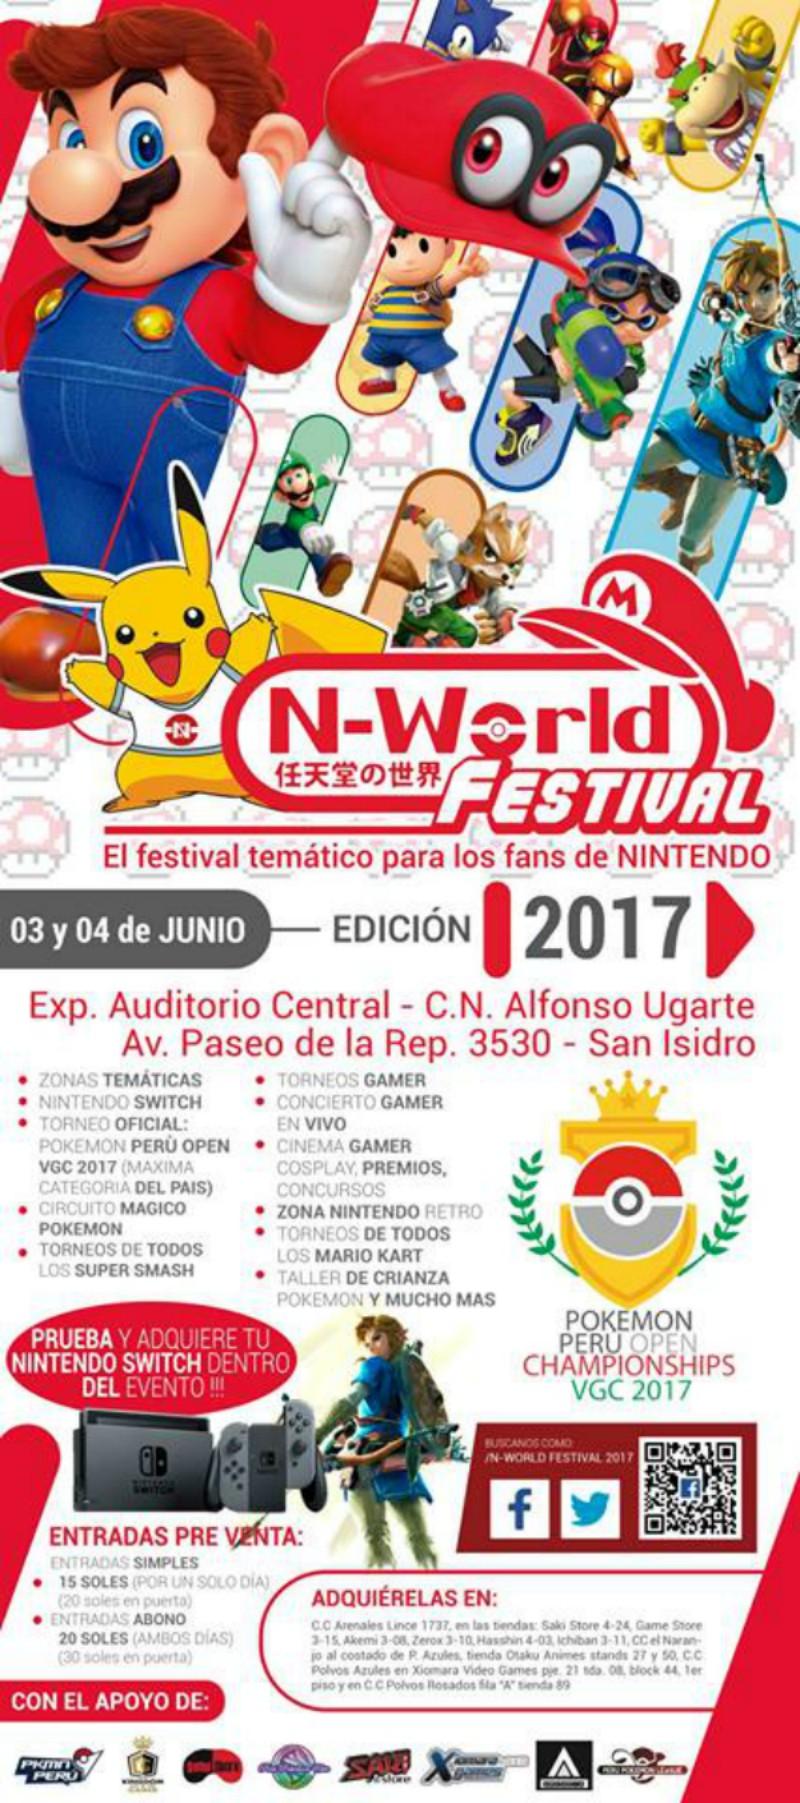 N-World Festival 2017 | 3 y 4 de Junio